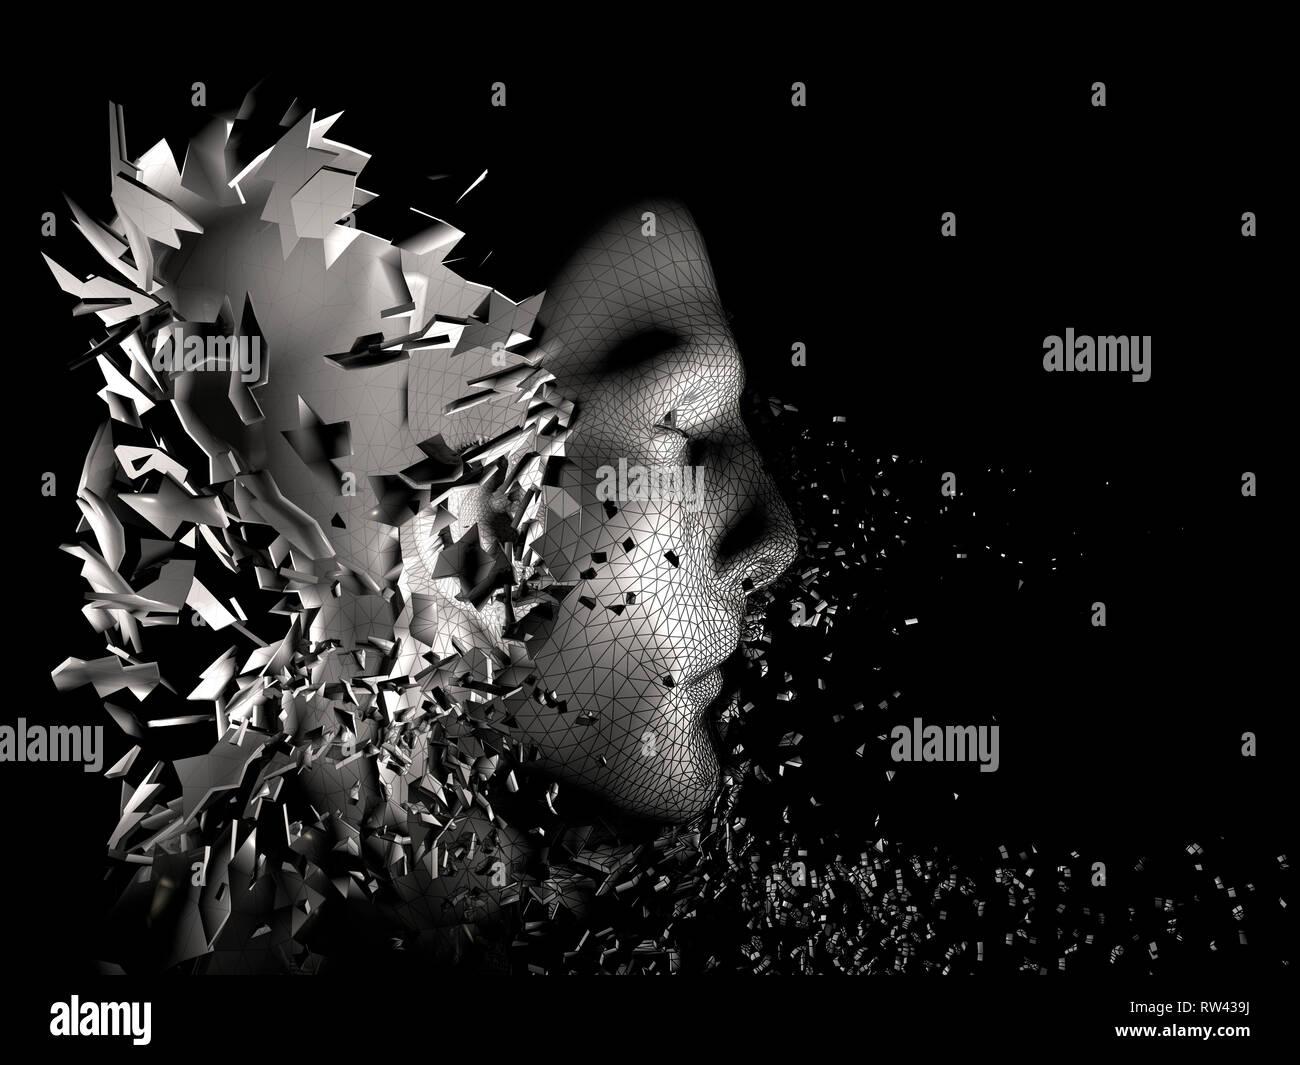 Cgi (Computer Generated image)/Illustration: Symbolbild: Digitalisierung, Kuenstliche Intelligenz (KI, AI), Cyberspace, Roboter, Bionik (nur fuer Rot Stockbild